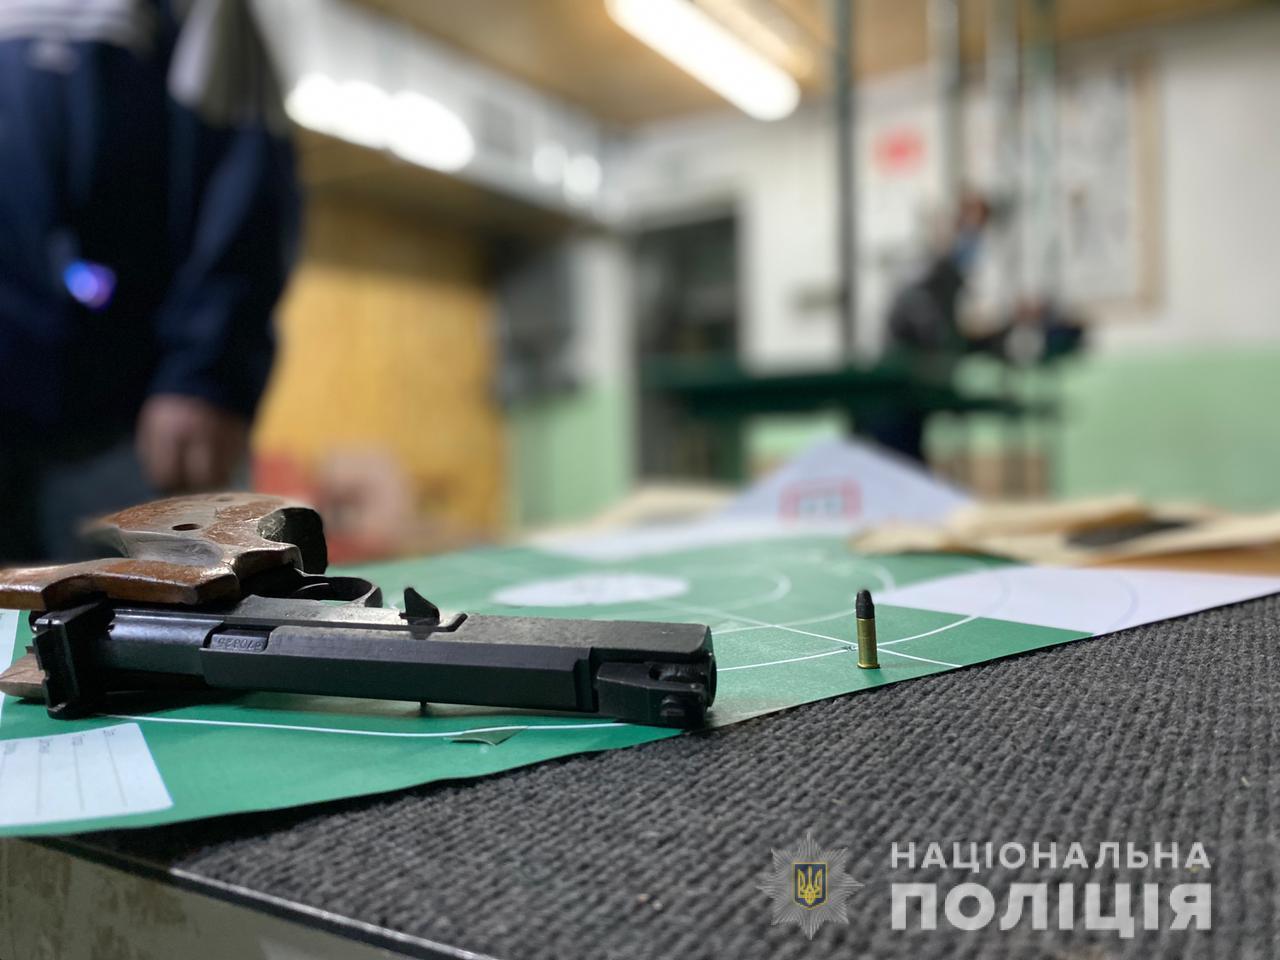 В Черкассах в школьном тире 14-летний ученик получил ранение в голову: стали известны подробности